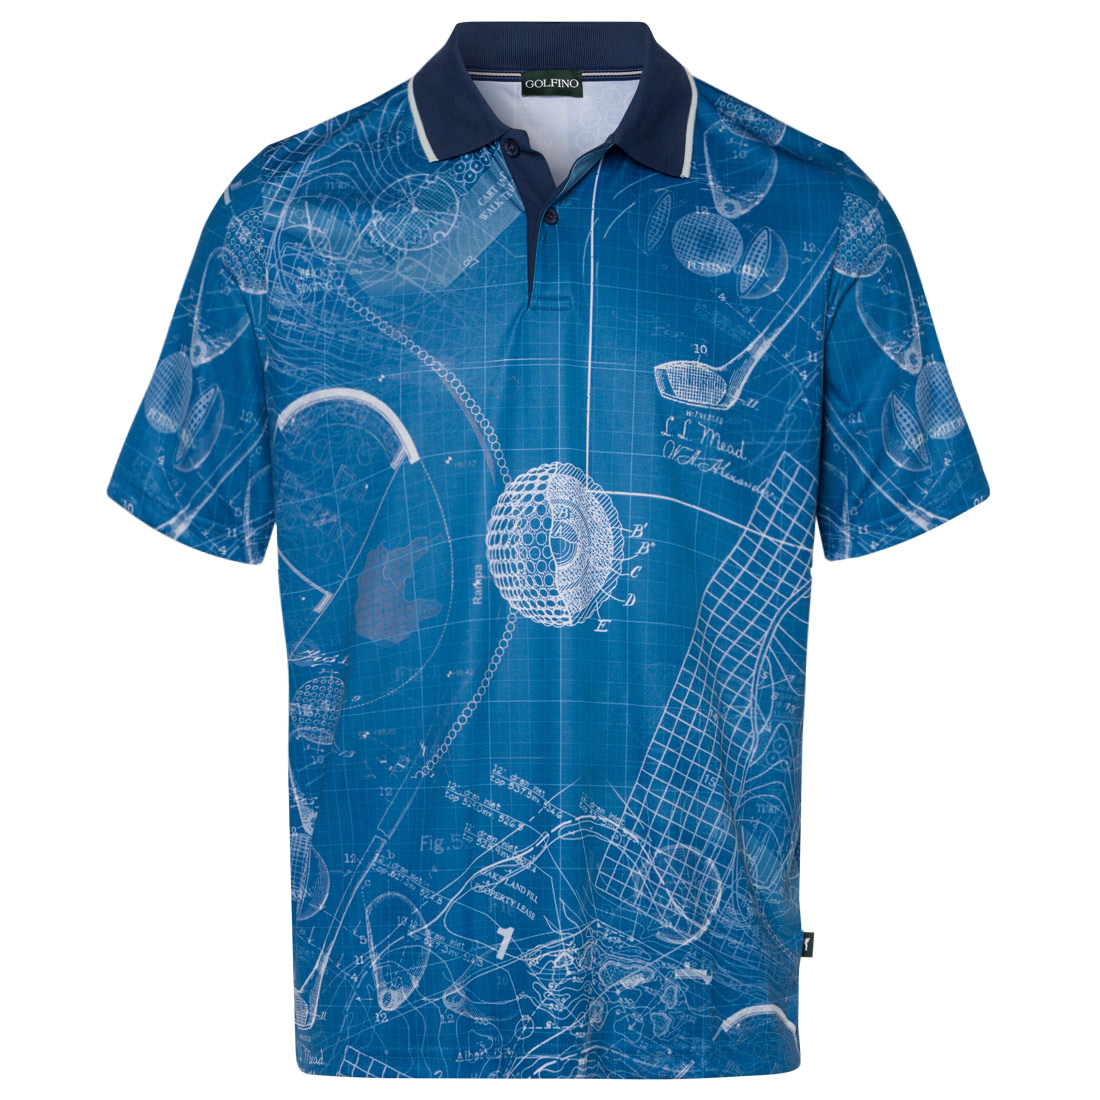 Poloshirt aus leichtem Jerseymaterial